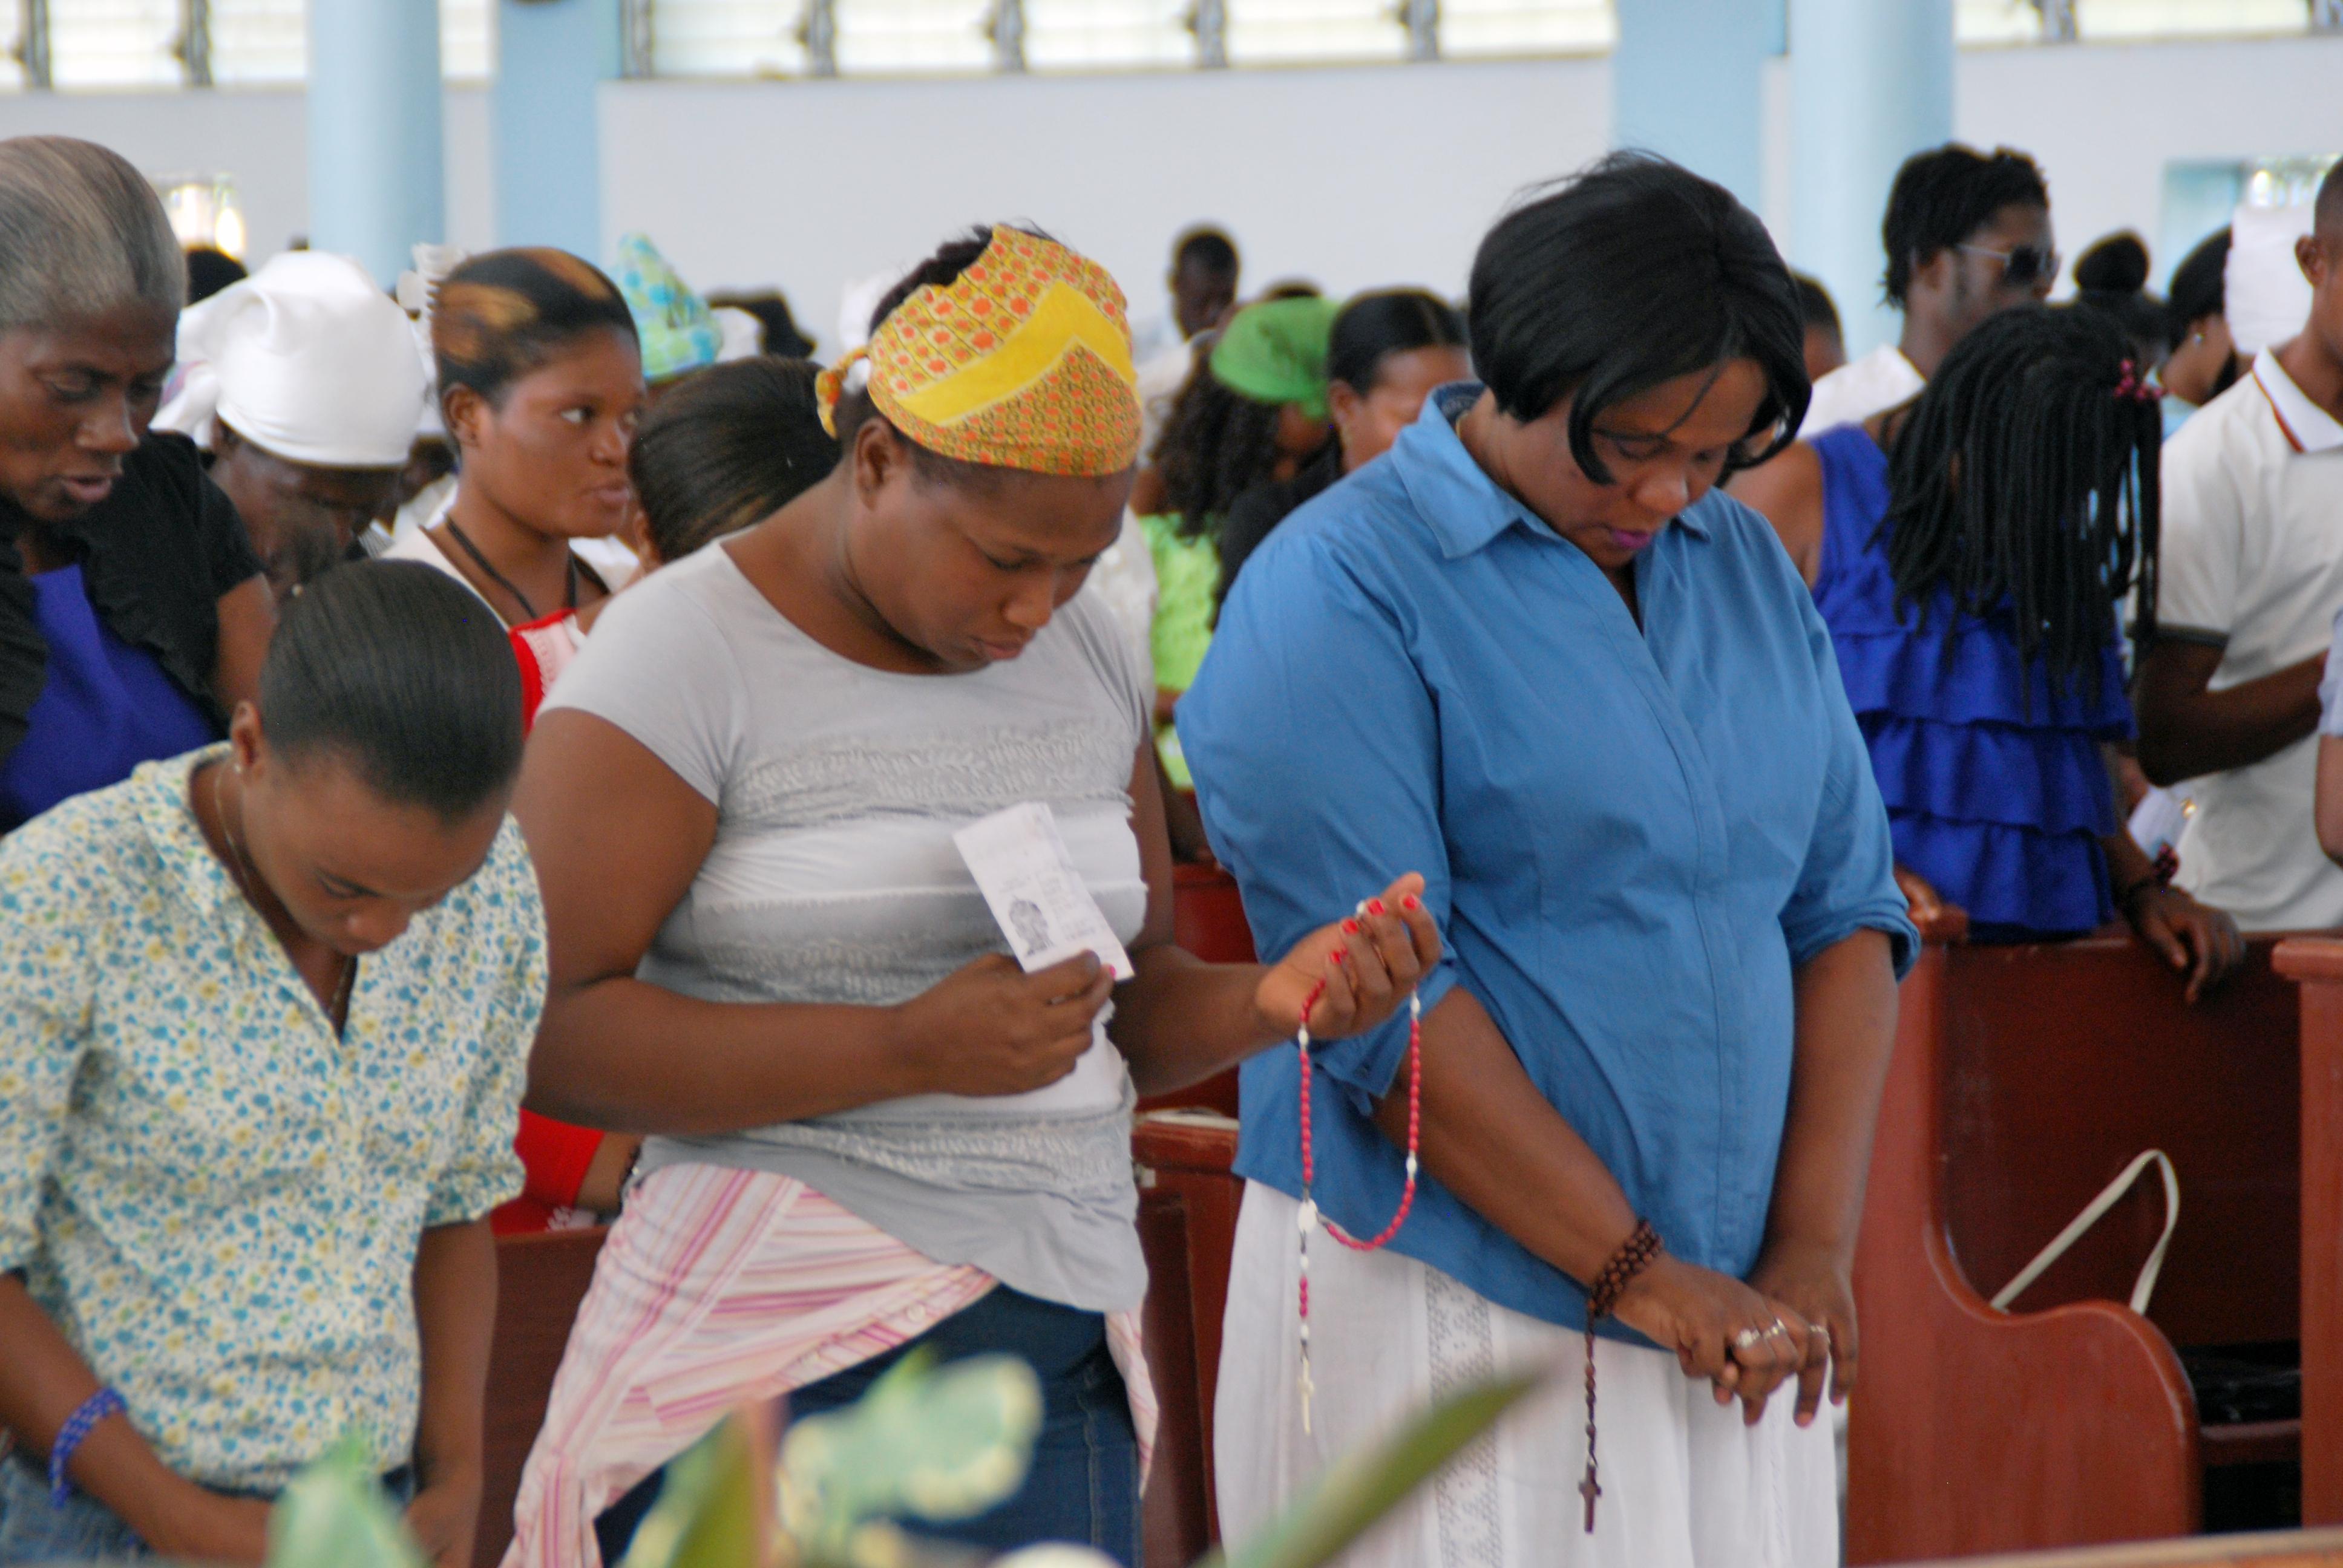 ACN visita Haití, hace balance de ayuda y necesidades en la zona